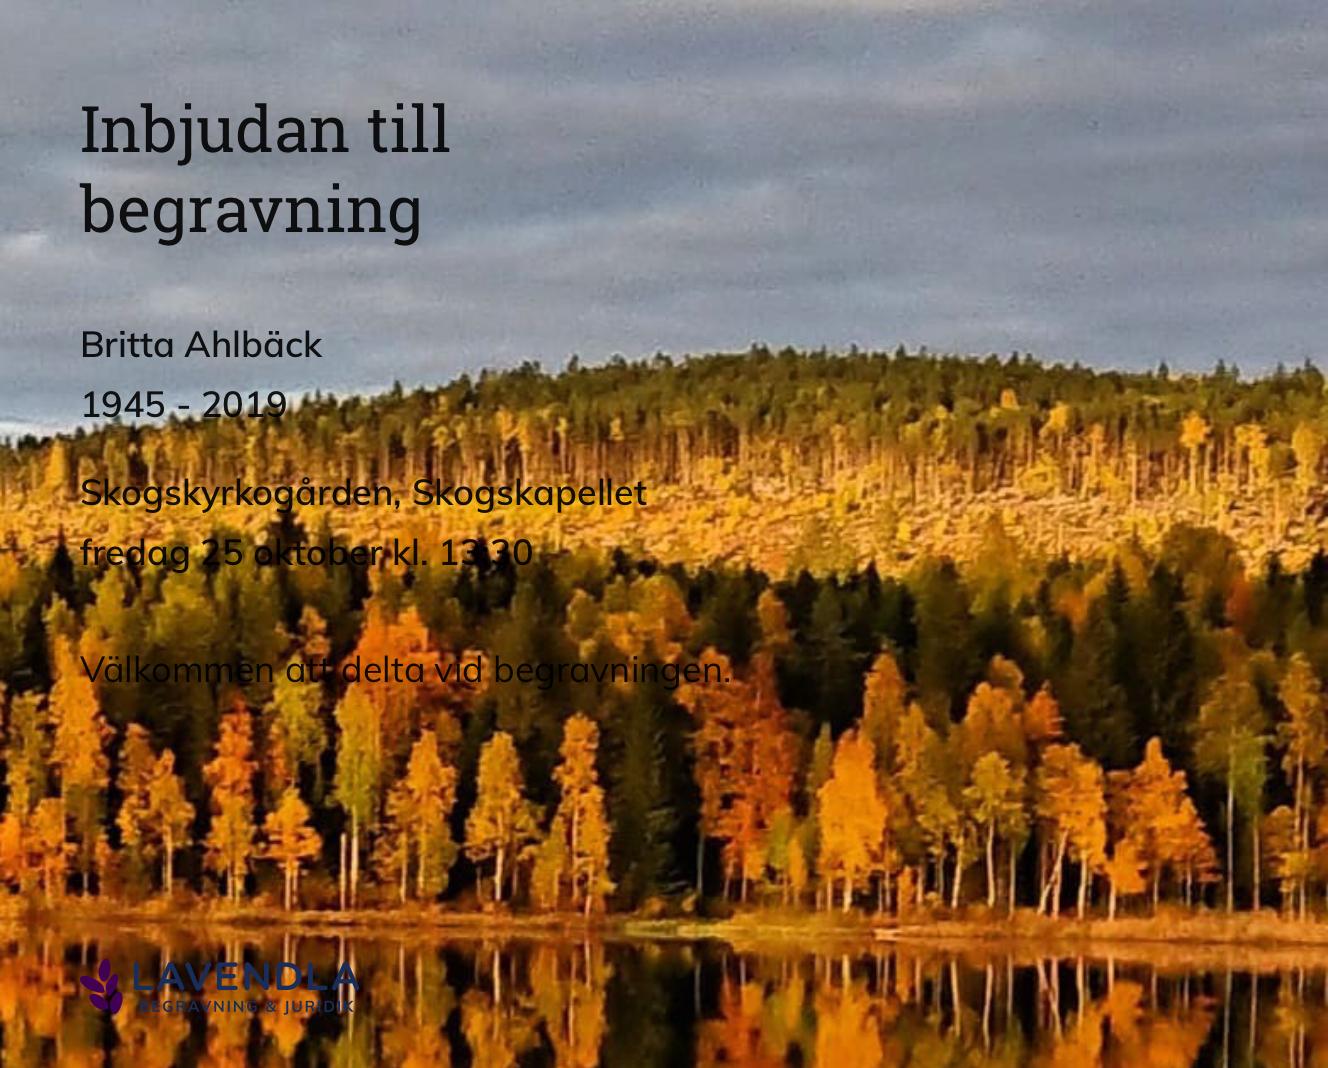 Inbjudningskort till ceremonin för Britta Ahlbäck